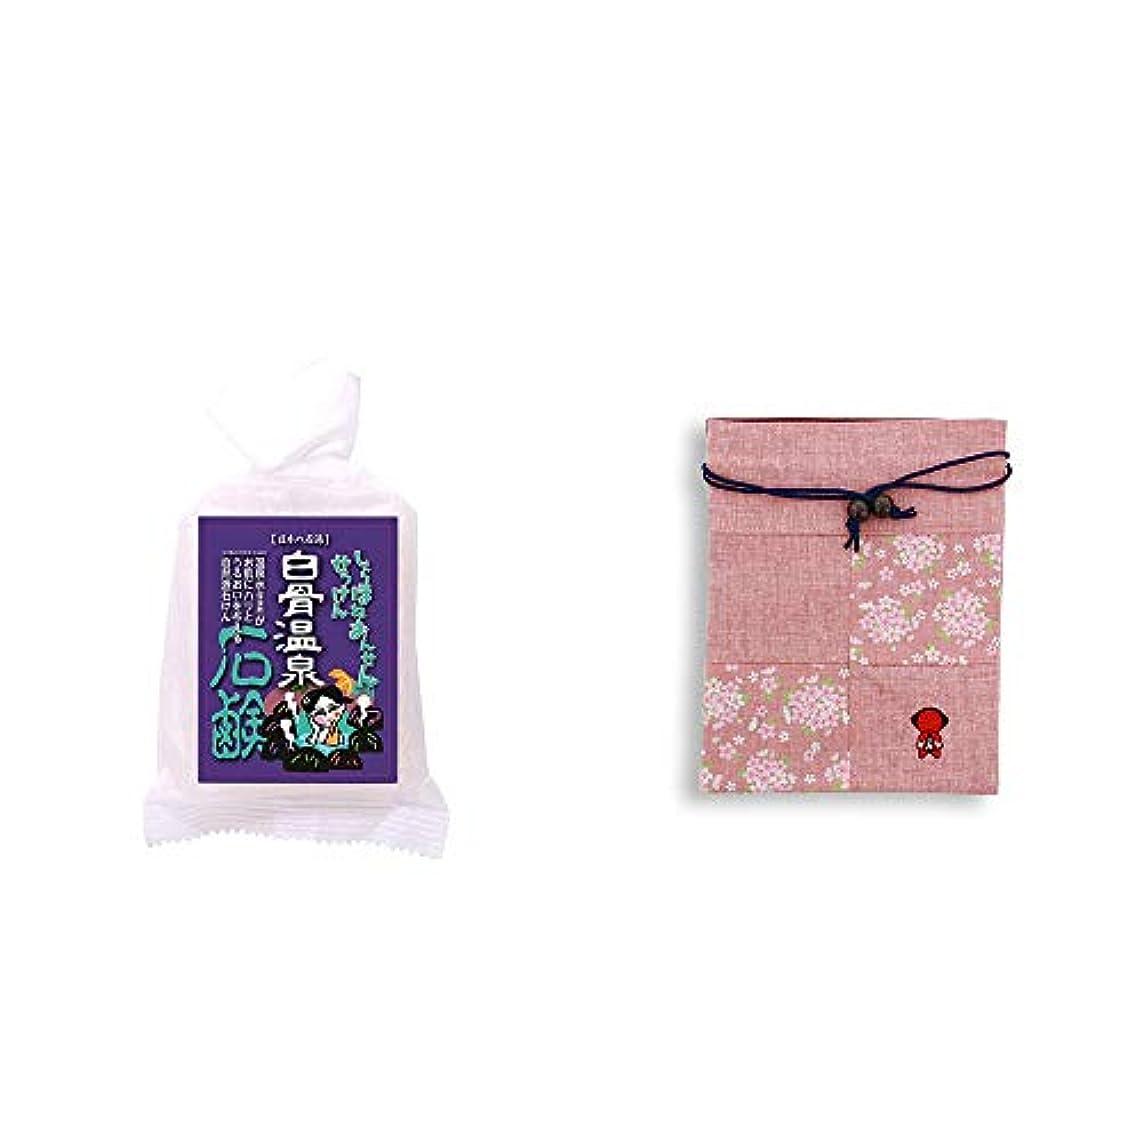 [2点セット] 信州 白骨温泉石鹸(80g)?おねがいさるぼぼ 巾着【ピンク】